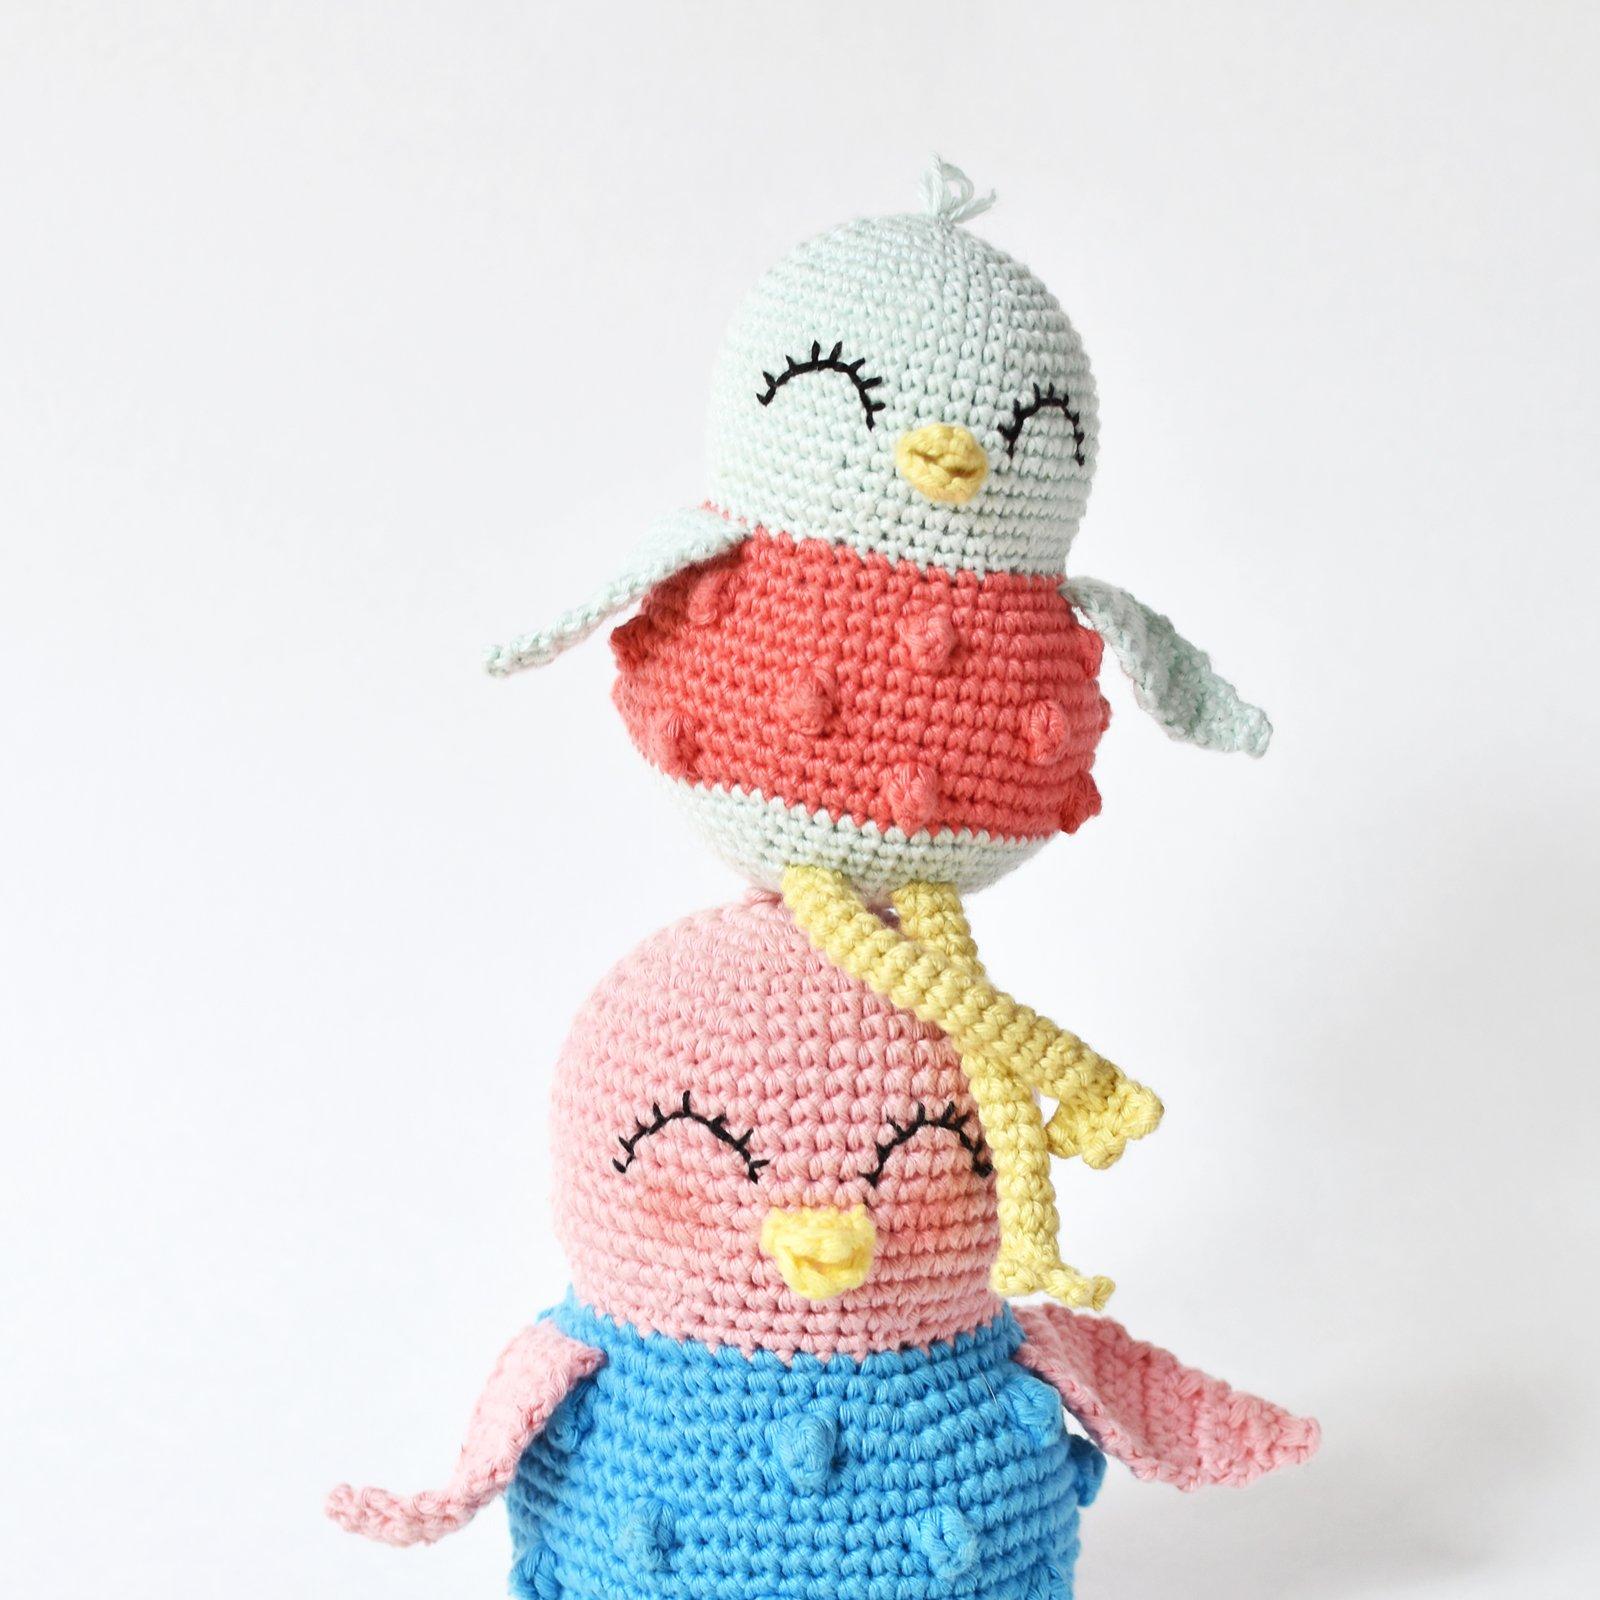 A smaller crochet bird sitting on top of another bird.